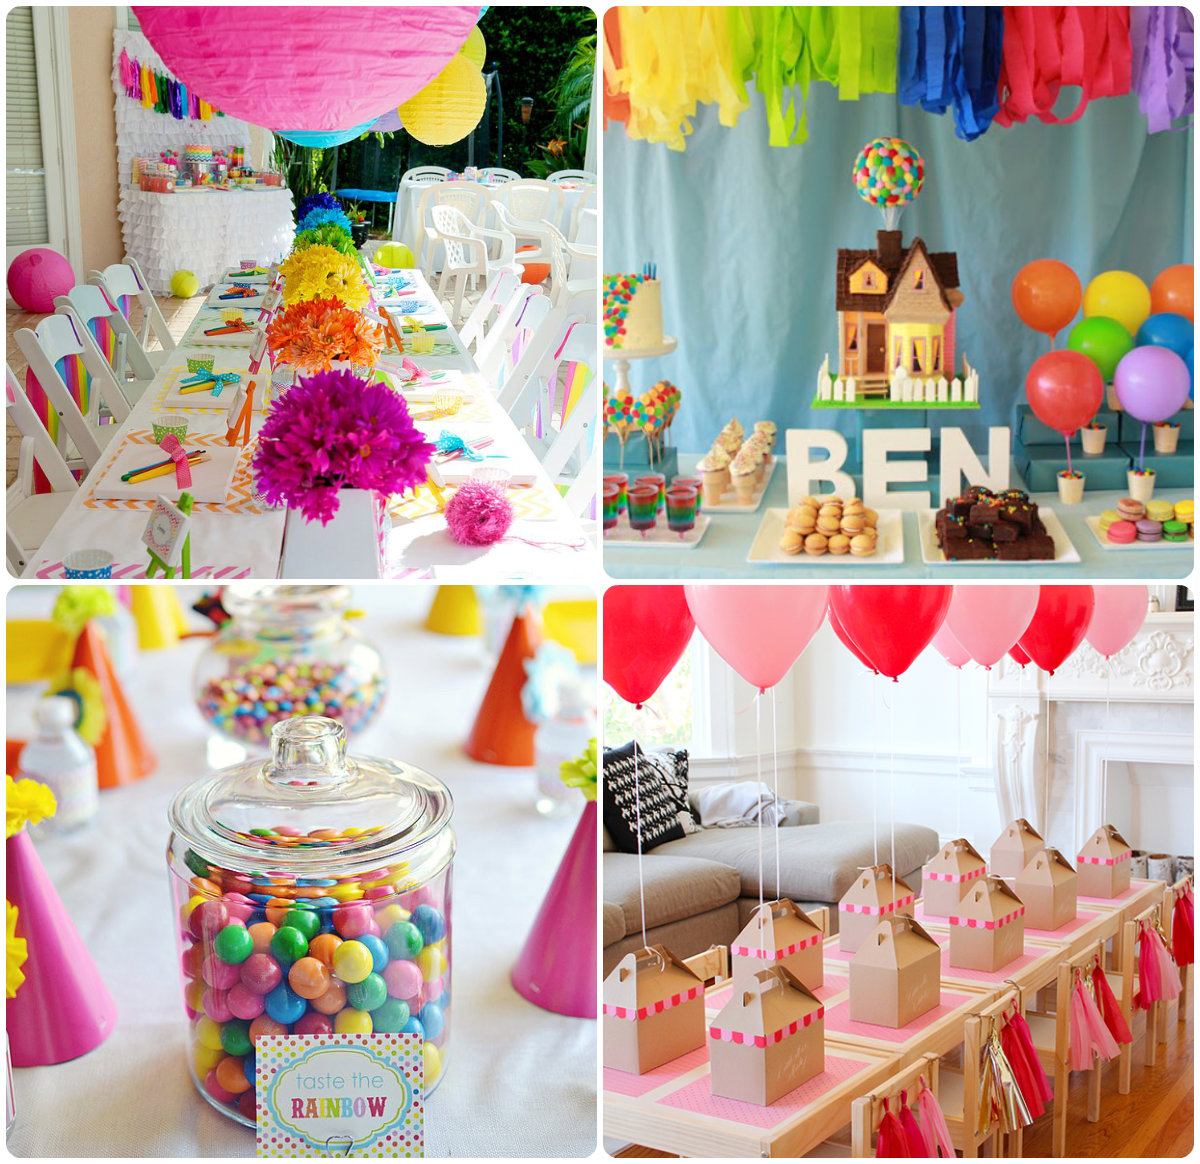 Как украсить комнату на день рождения ребенка 10 год своими руками фото